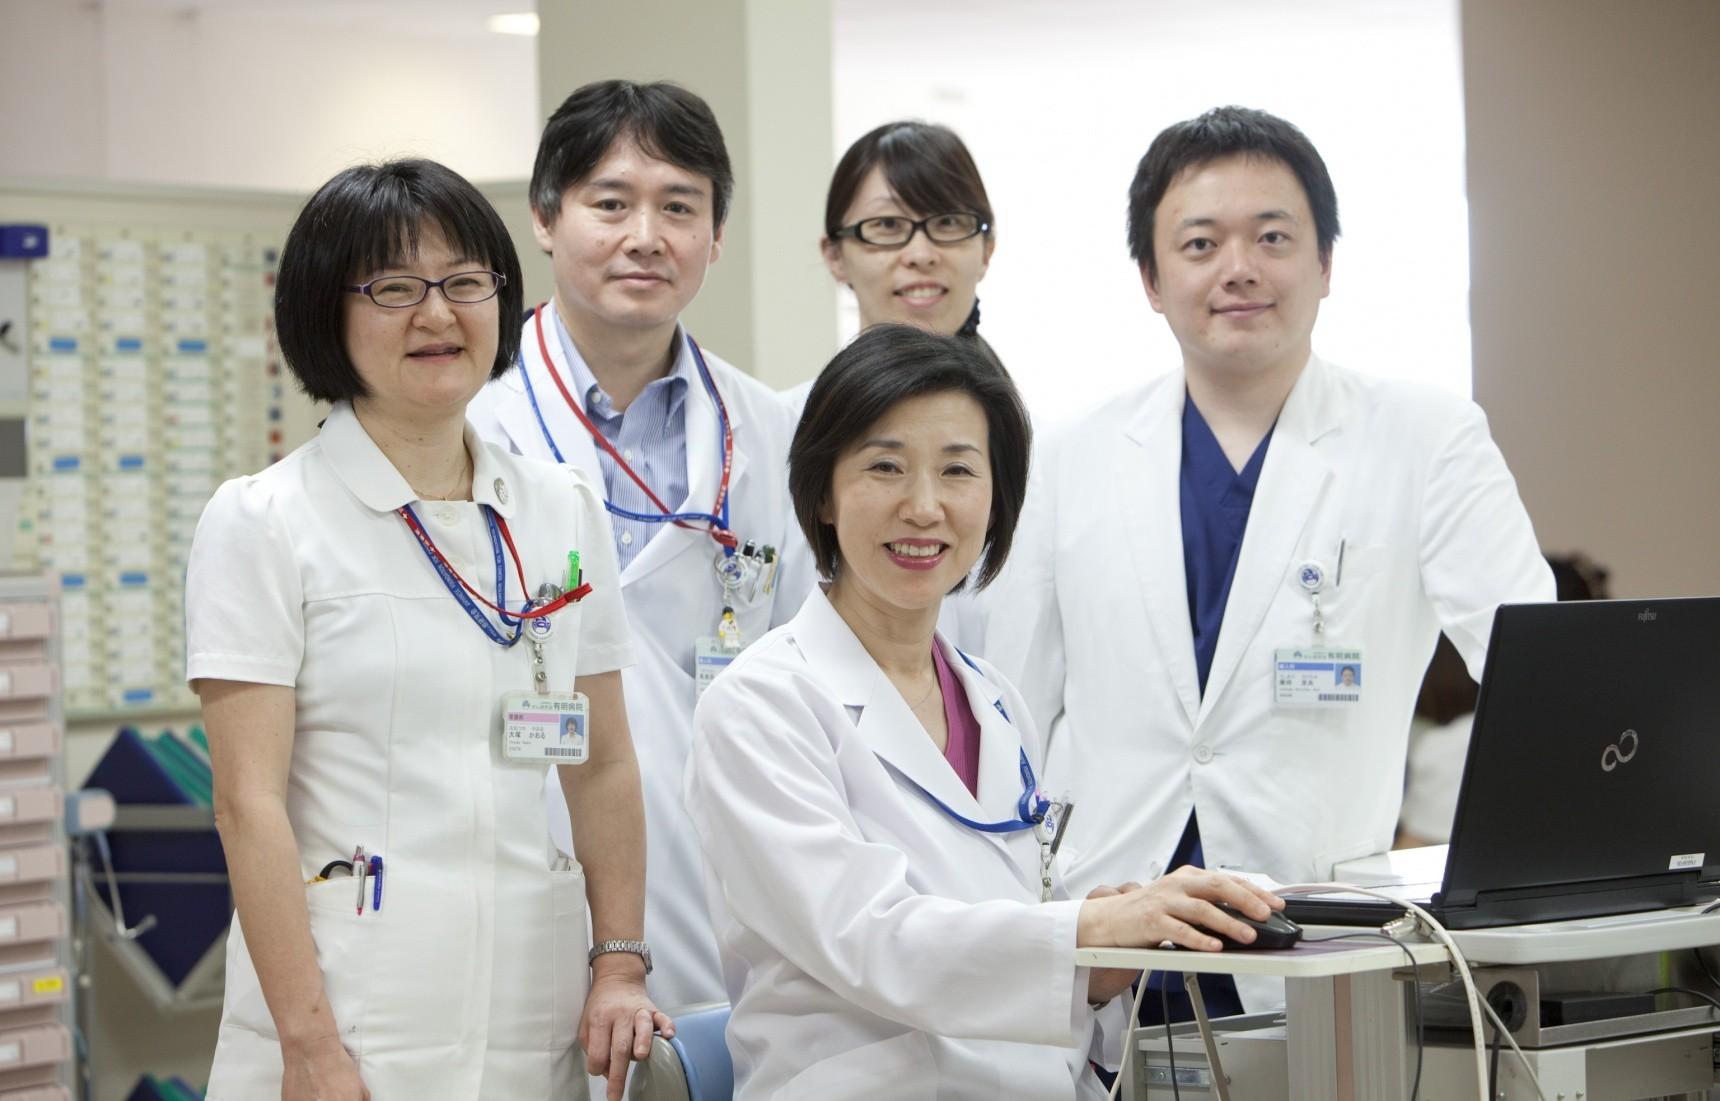 Диагностика в Японии - команда японских докторов